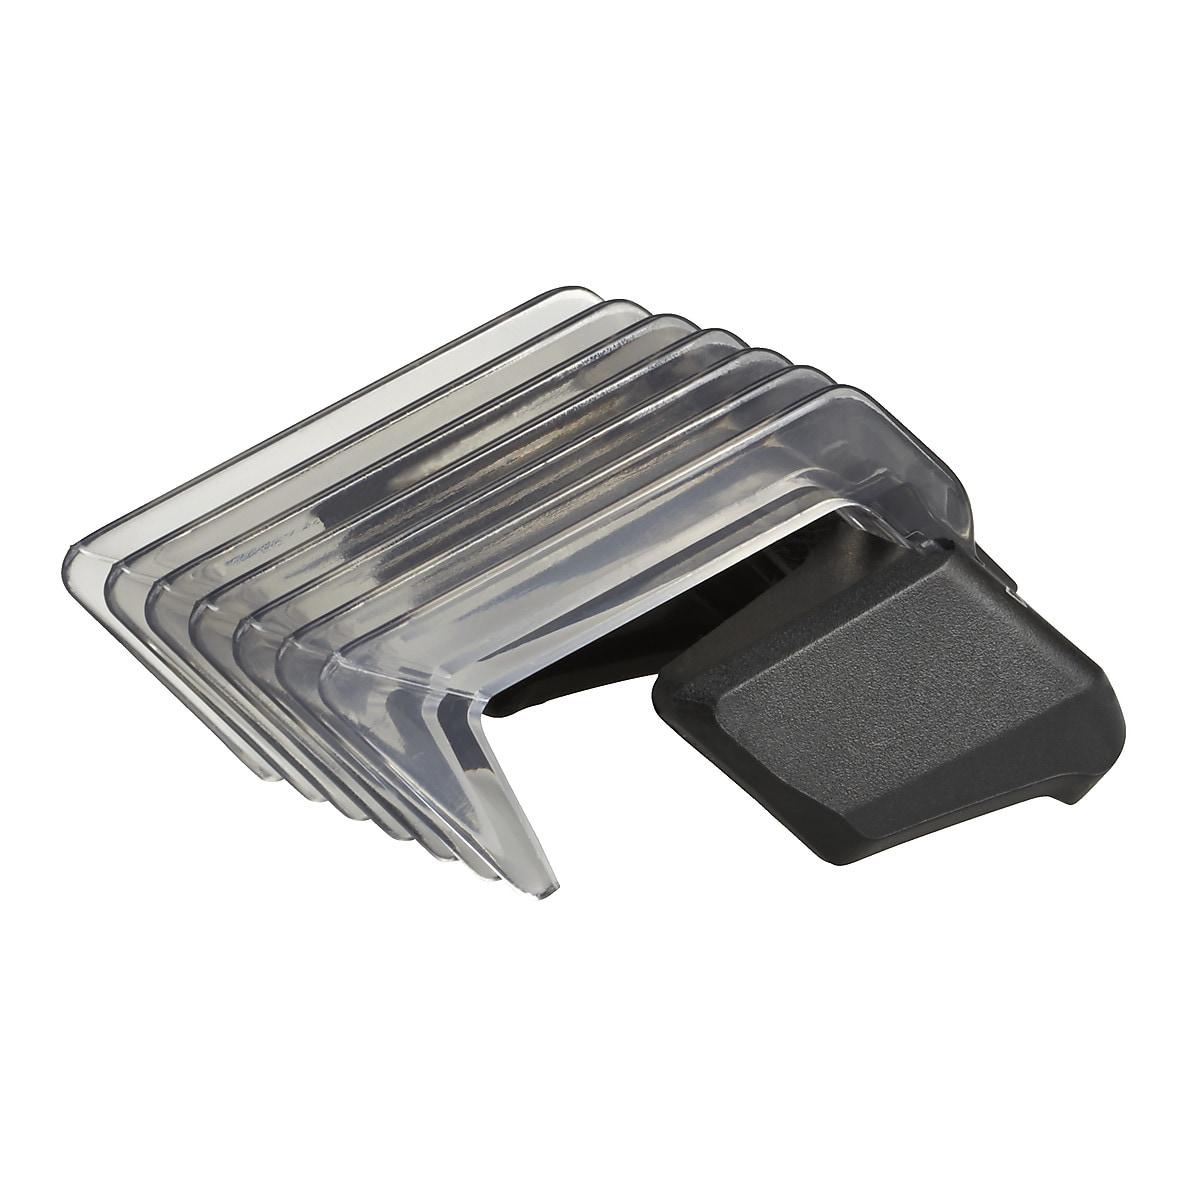 Remington PG6030 Edge multitrimmer